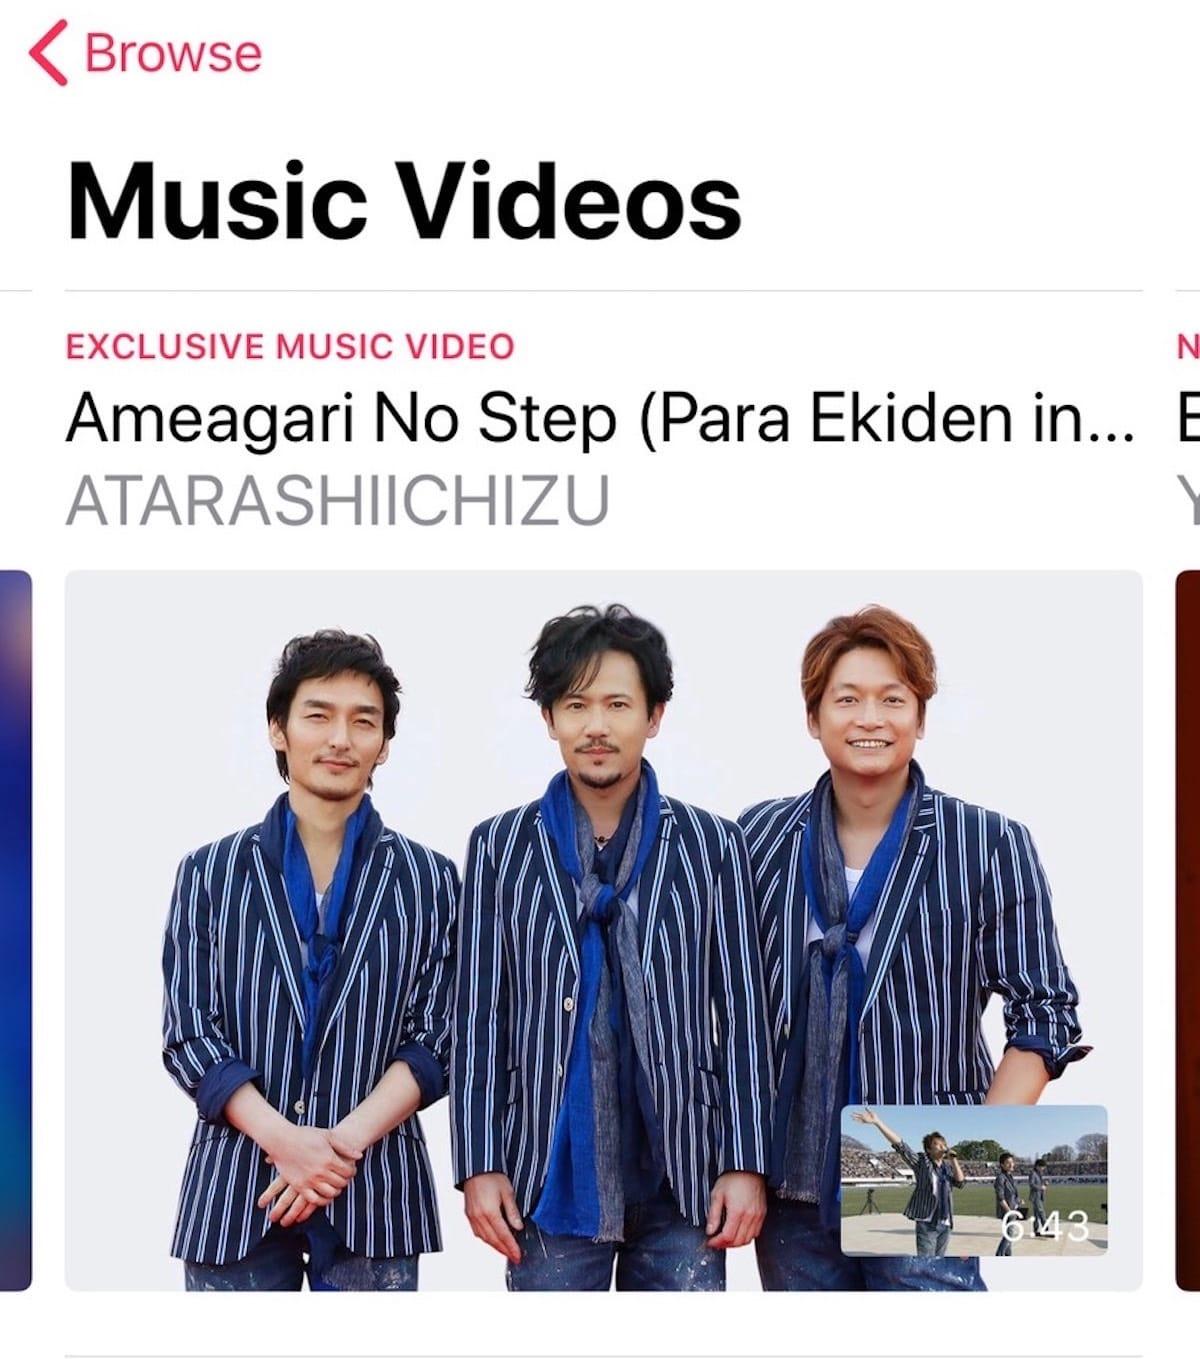 Apple Musicに「ミュージックビデオ」セクションが追加!新しい地図、ベックの限定ビデオが配信中! technology180402_applemusic_04-1200x1359